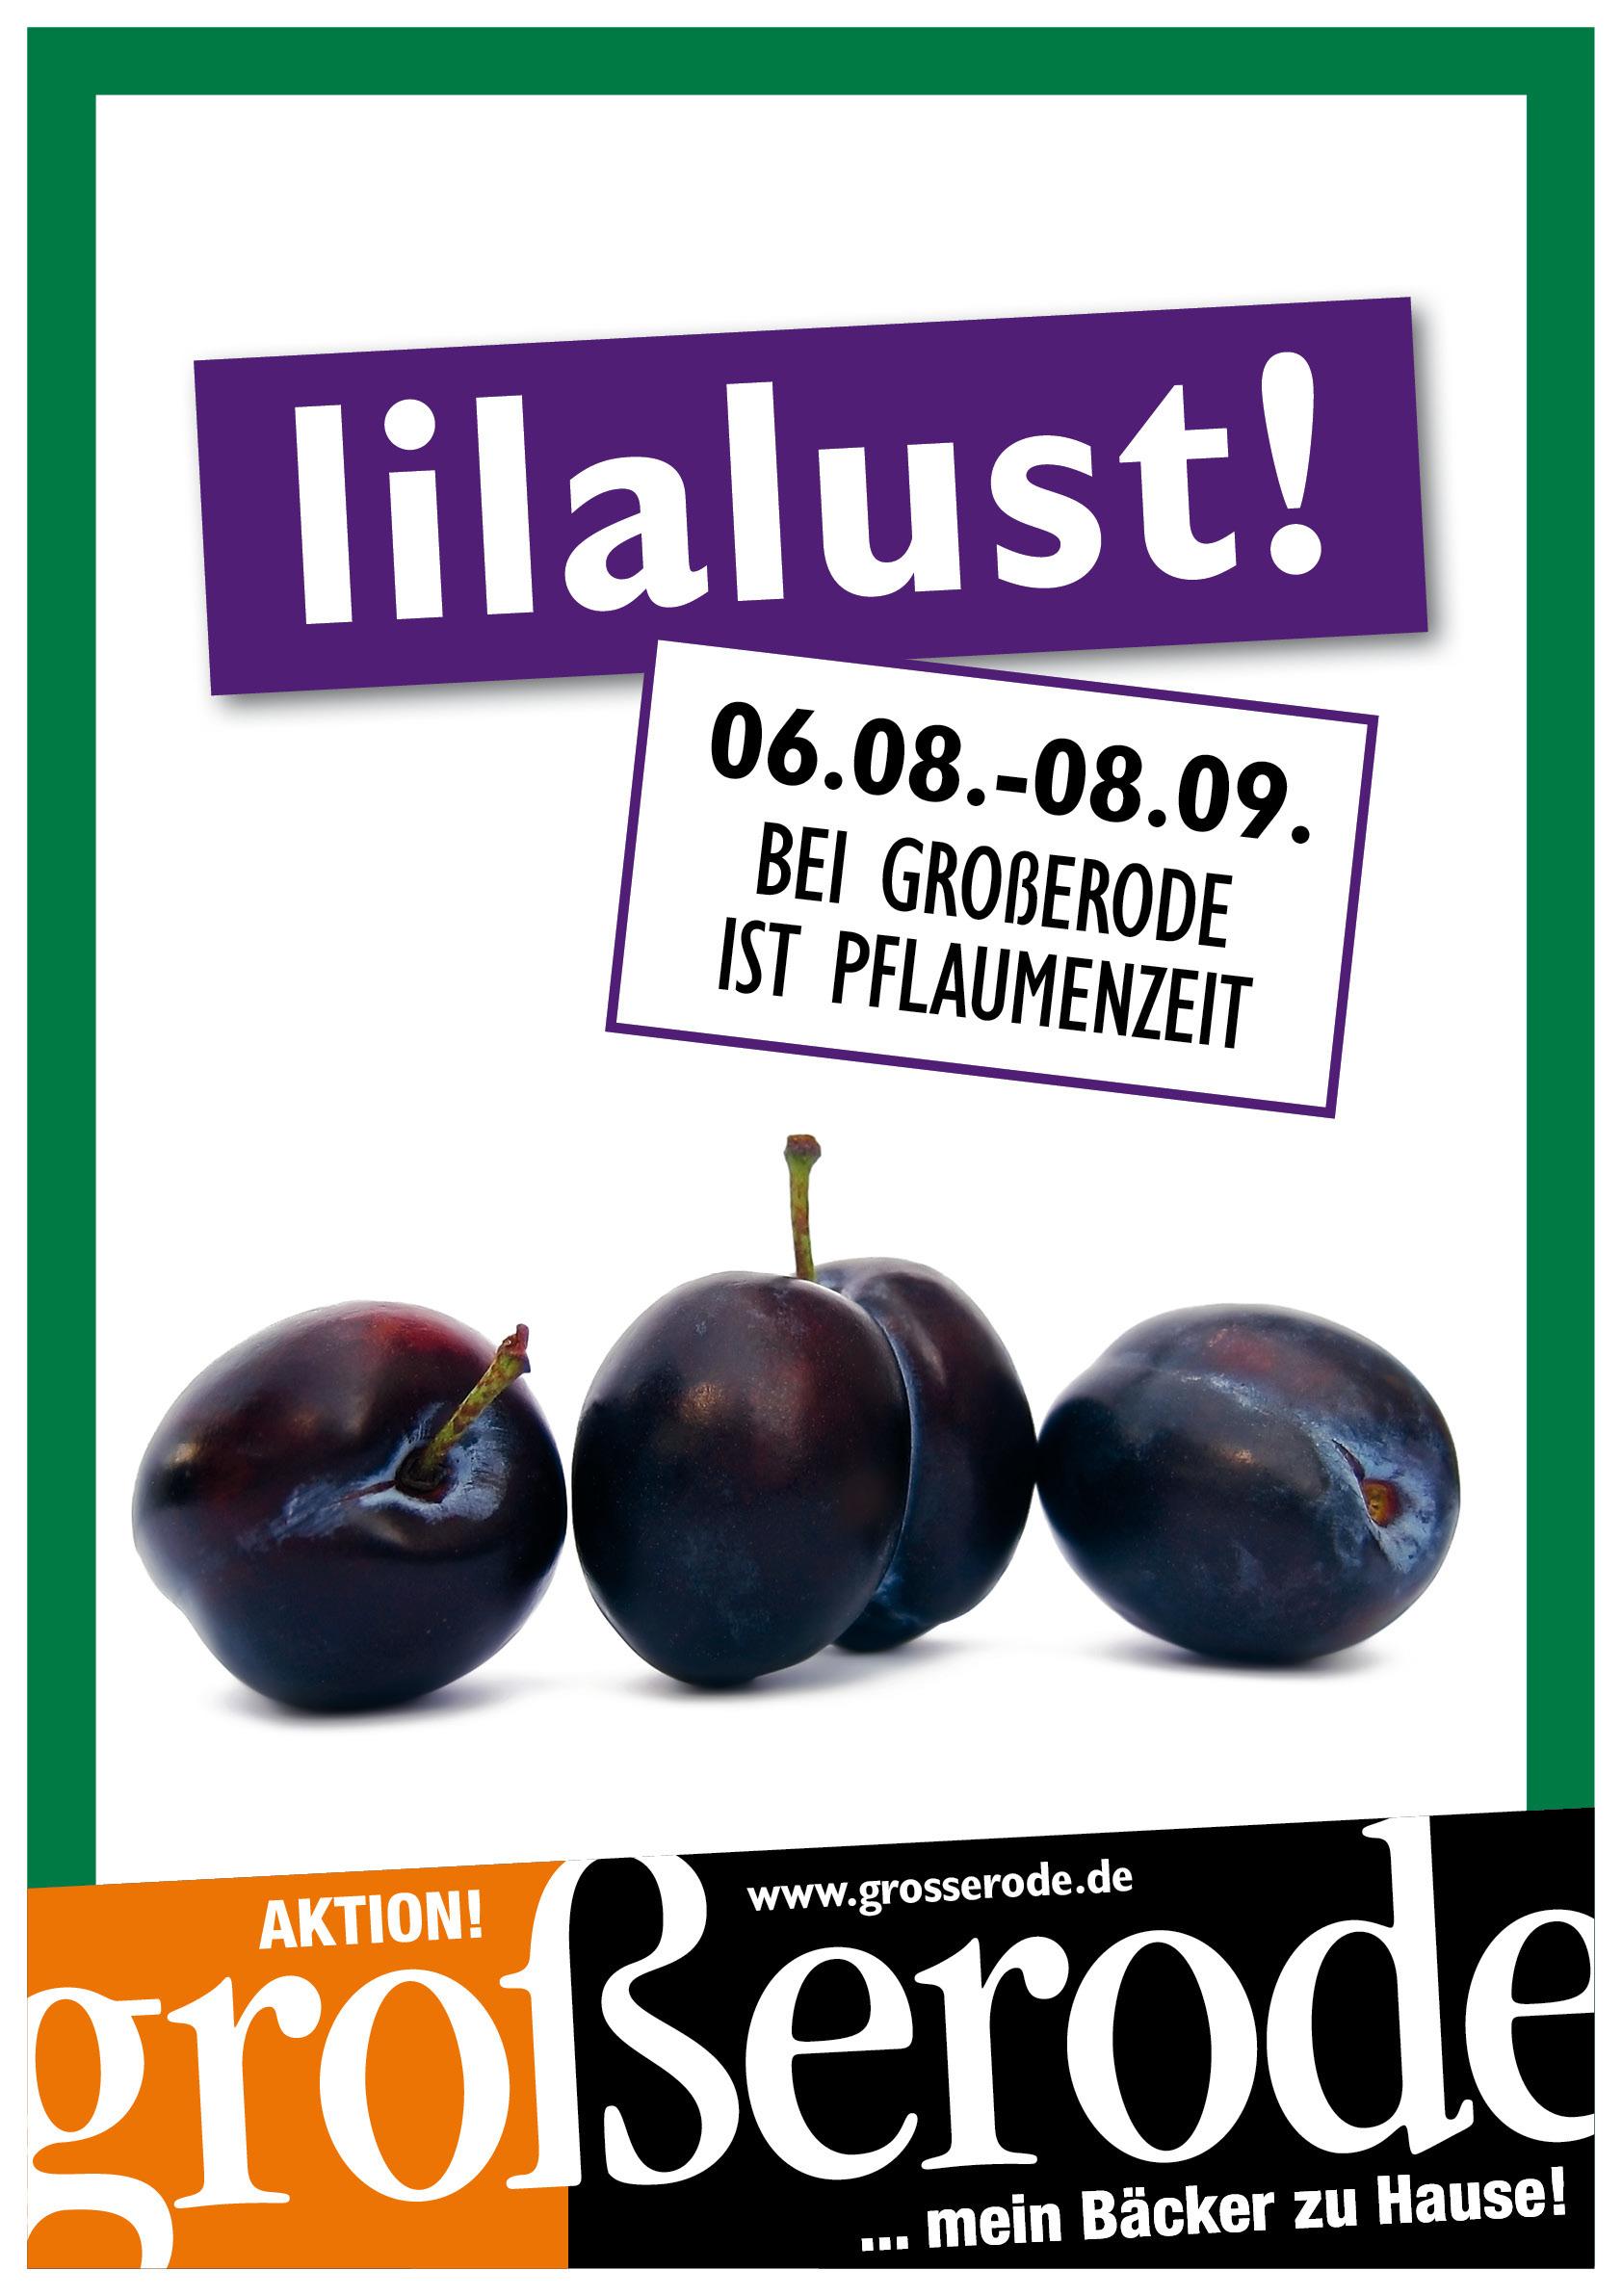 Grosserode_Pflaumenzeit_Plakat_A1.jpg